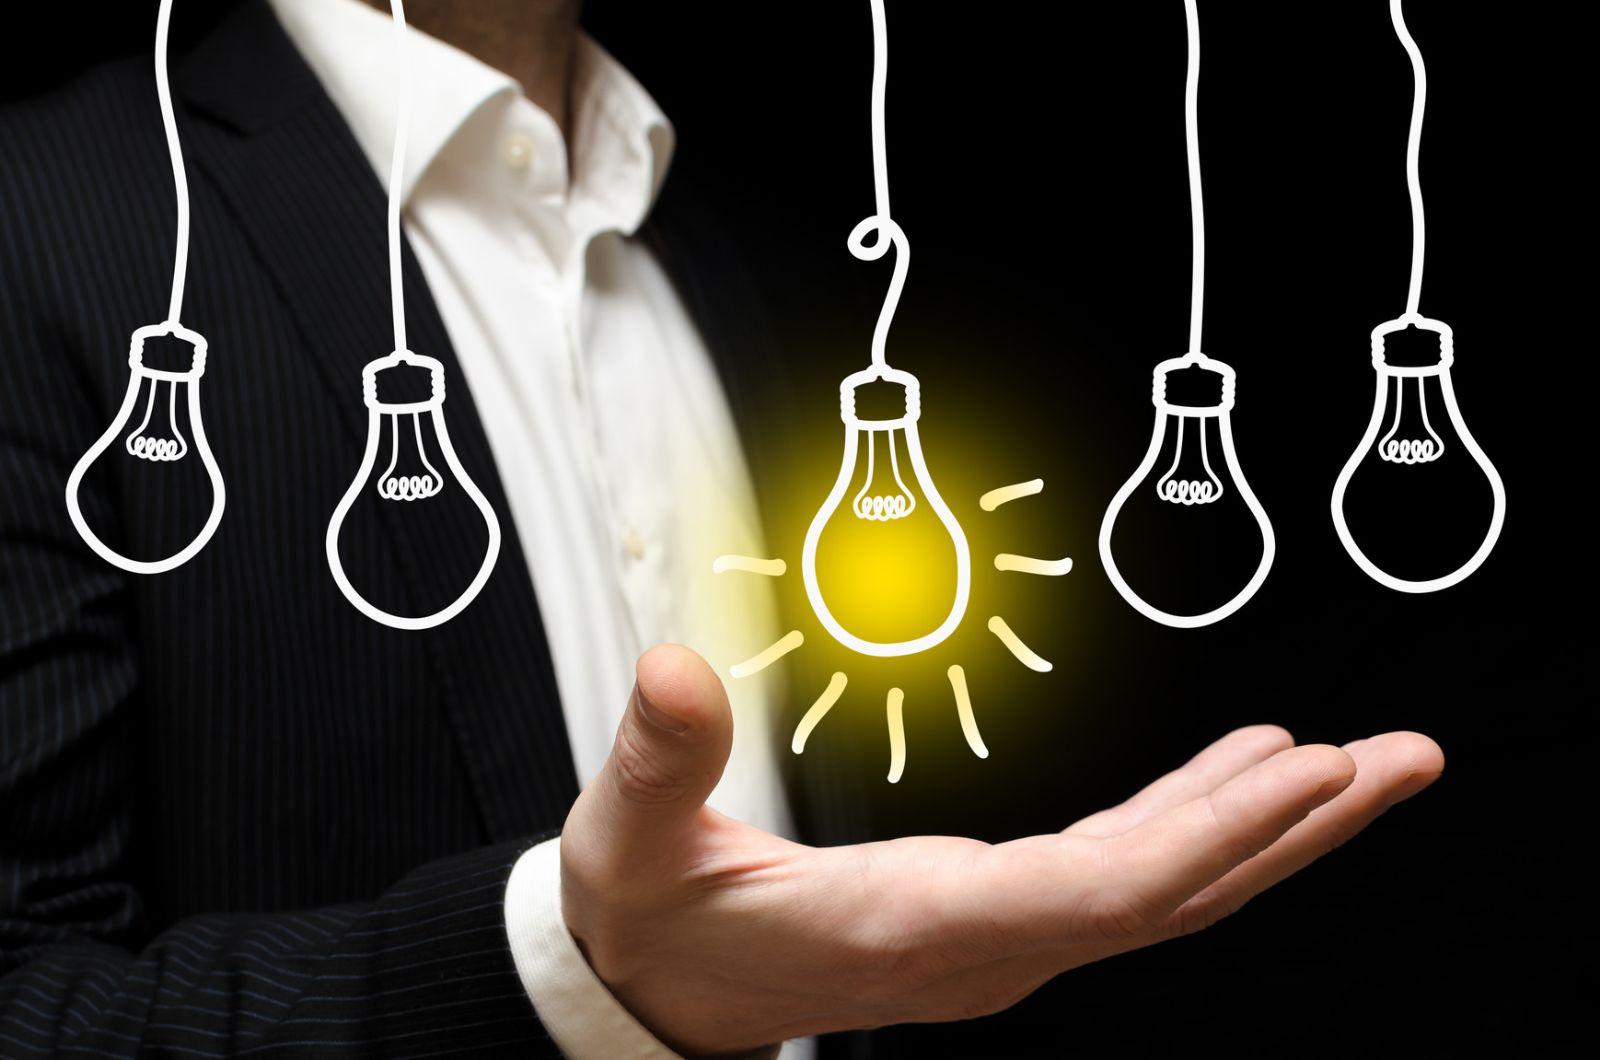 Từ ý tưởng kinh doanh đến doanh nghiệp triệu đô bạn có dám?